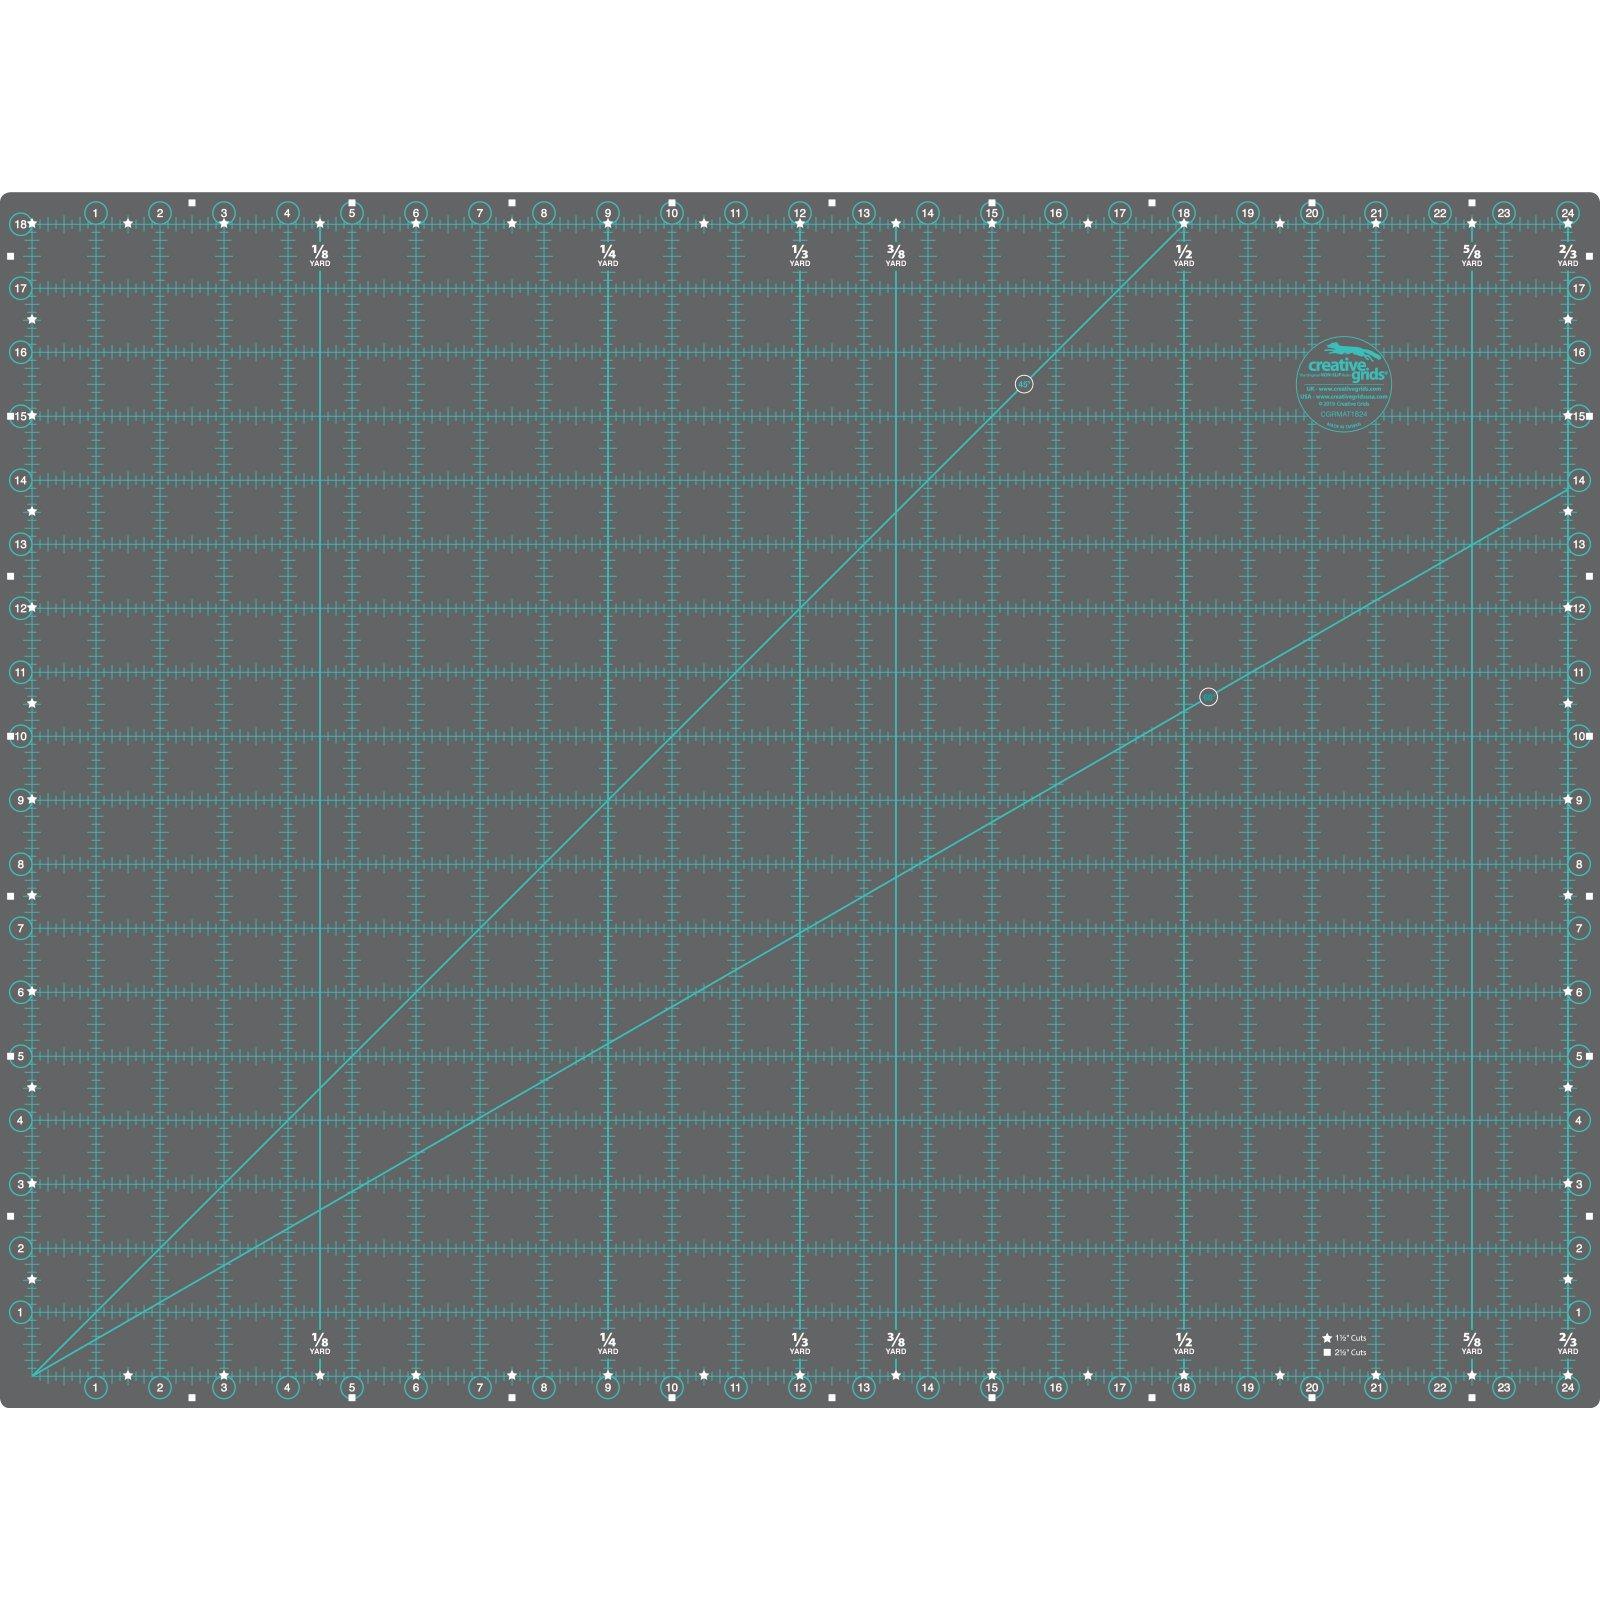 Creative Grids Ruler Cutting Mat 18x24